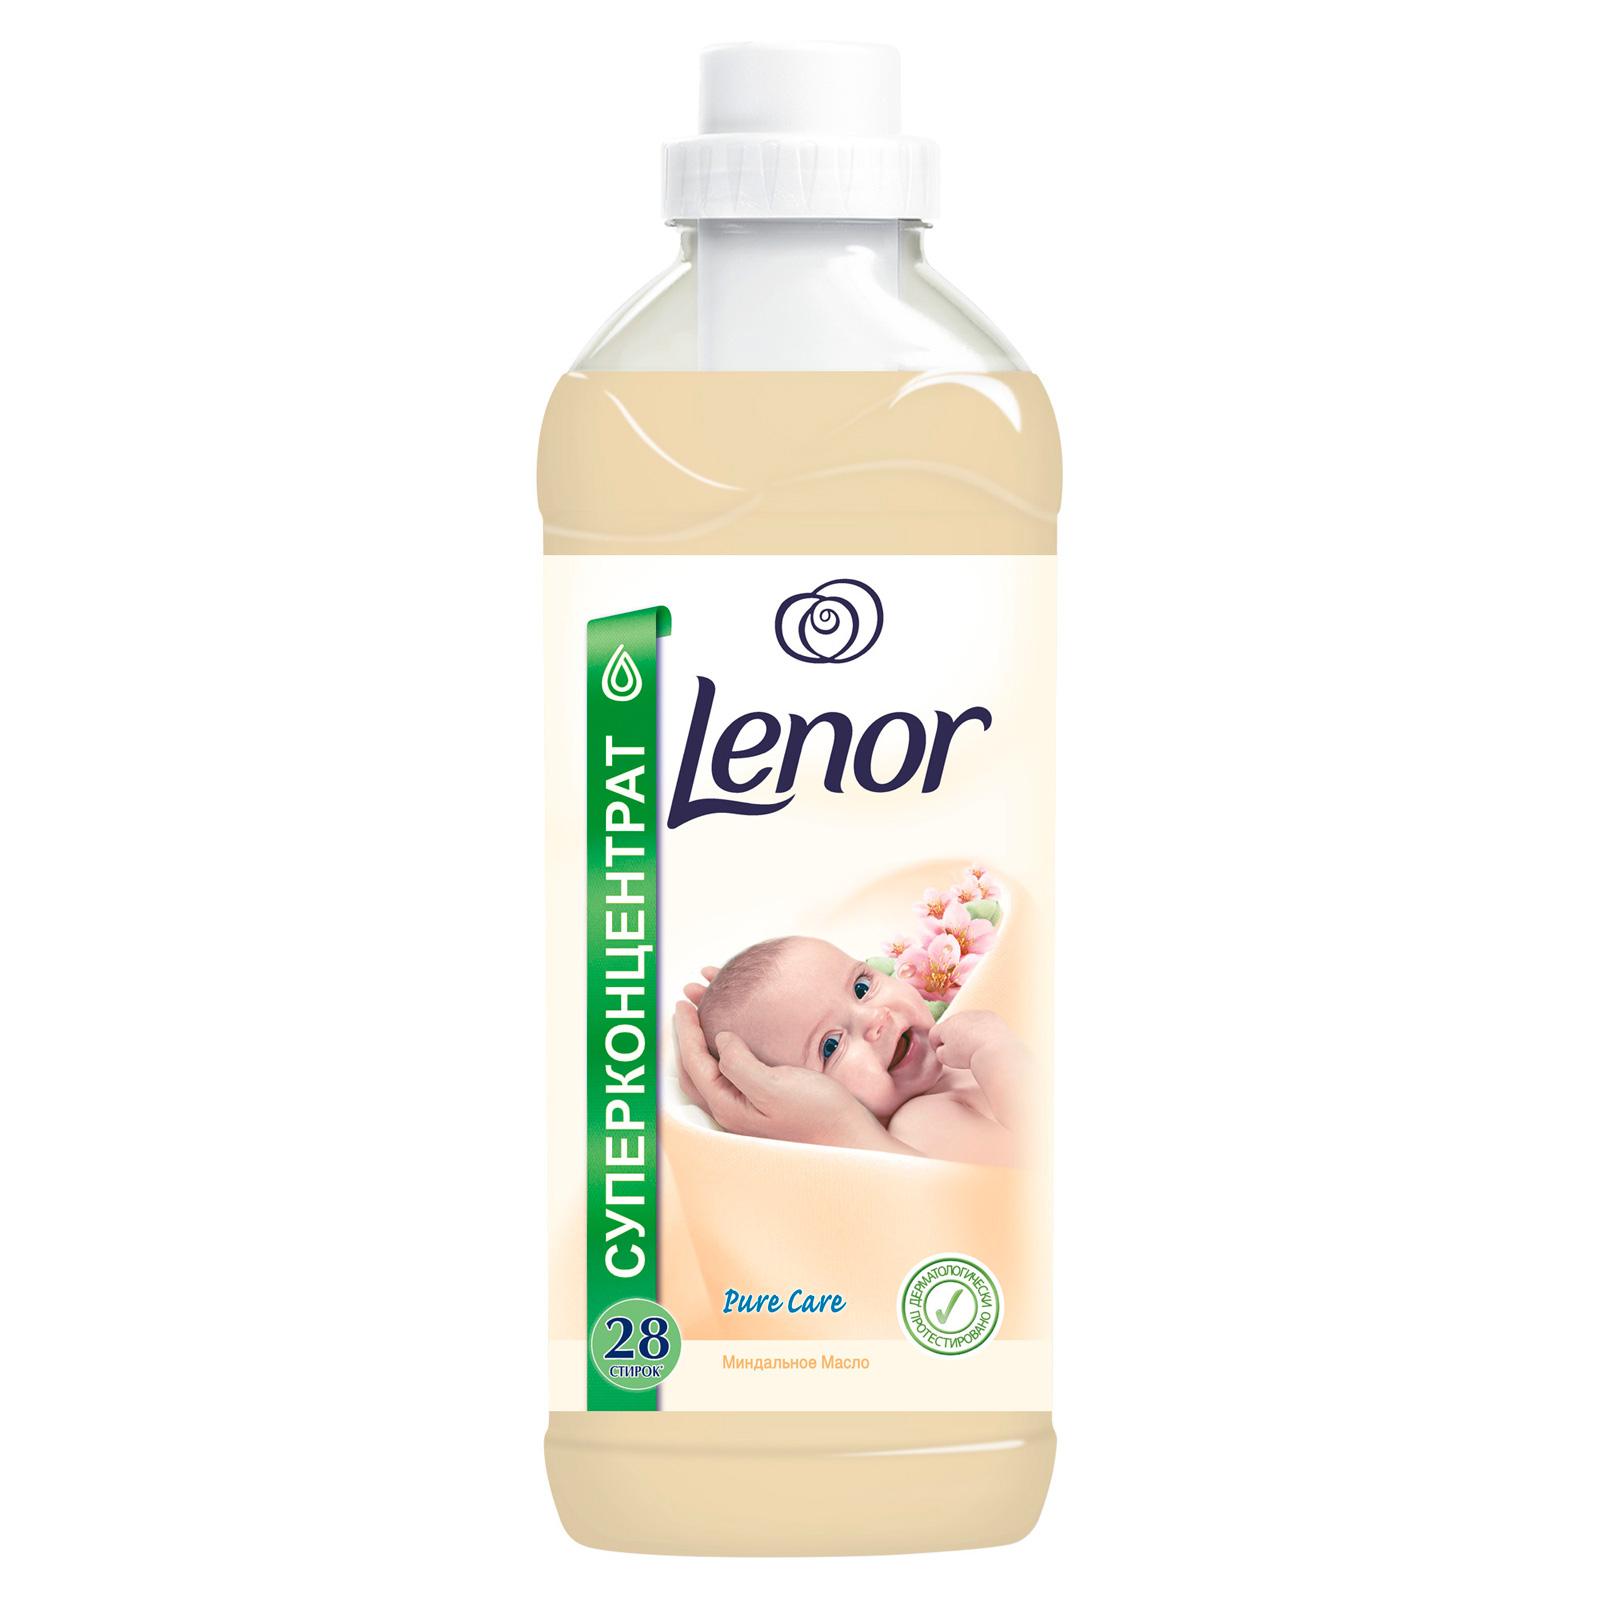 Кондиционер для белья Lenor 1 л Миндальное Масло 1л (28стирок)<br>